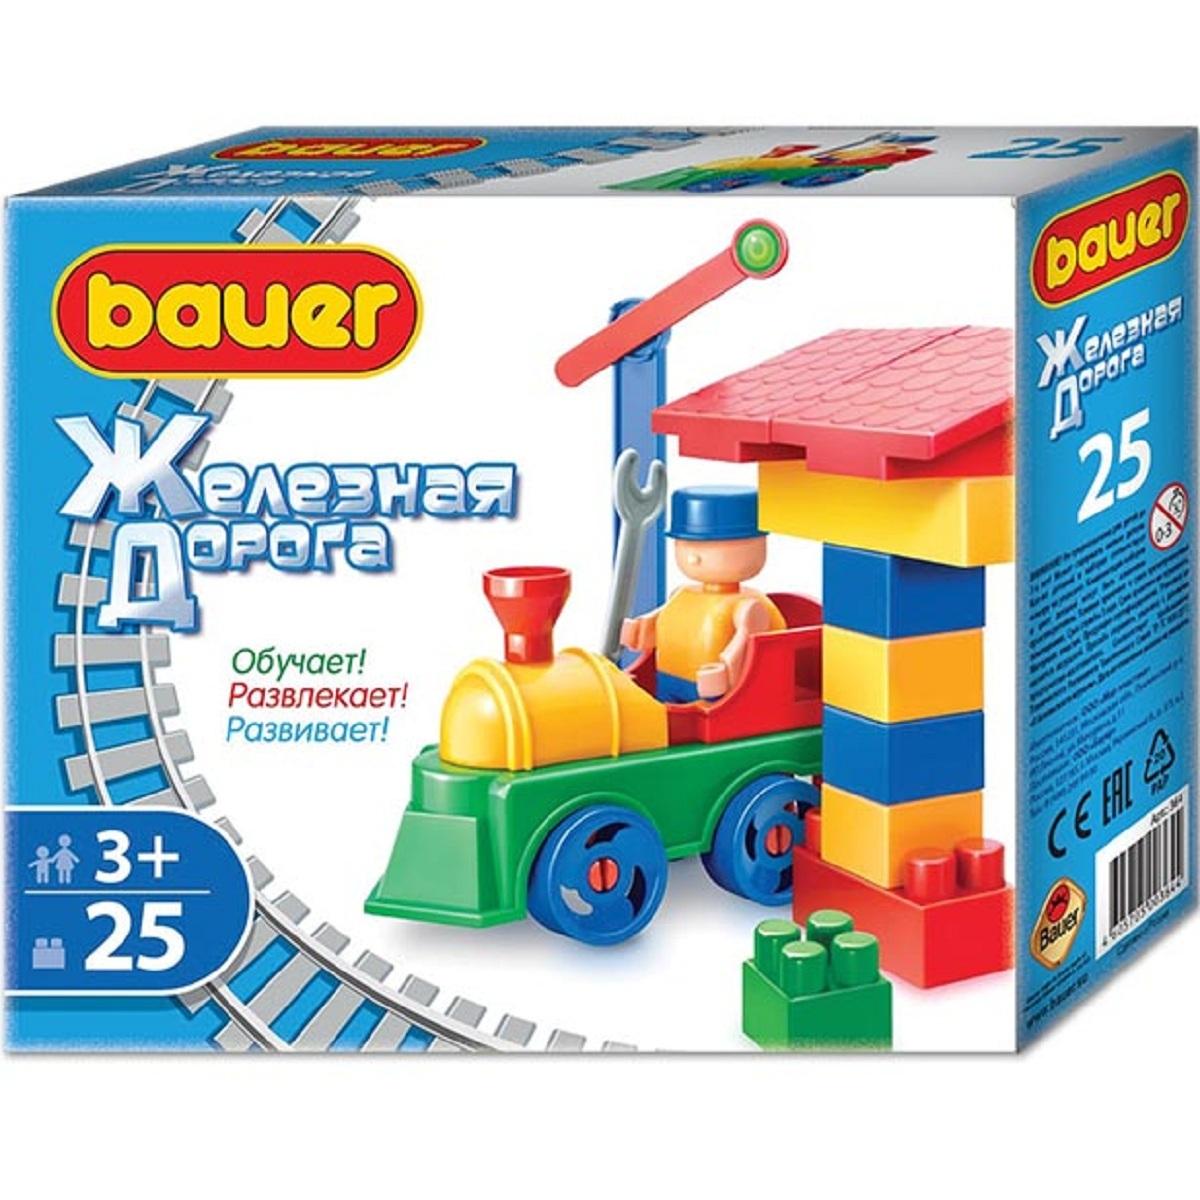 364 Конструктор Bauer серии Железная дорога 25 эл. (в коробке)Конструктор Bauer 364 серии Железная дорога 25 элем (в коробке)Все дети любят строить железную дорогу. А с конструктором «Bauer Железная дорога» это еще интереснее и веселее! Ведь вместе с железной дорогой малыши будут строить свою историю, с забавными персонажами, для которых можно придумать множество приключений и отправить в любые путешествия в их поездах!<br>